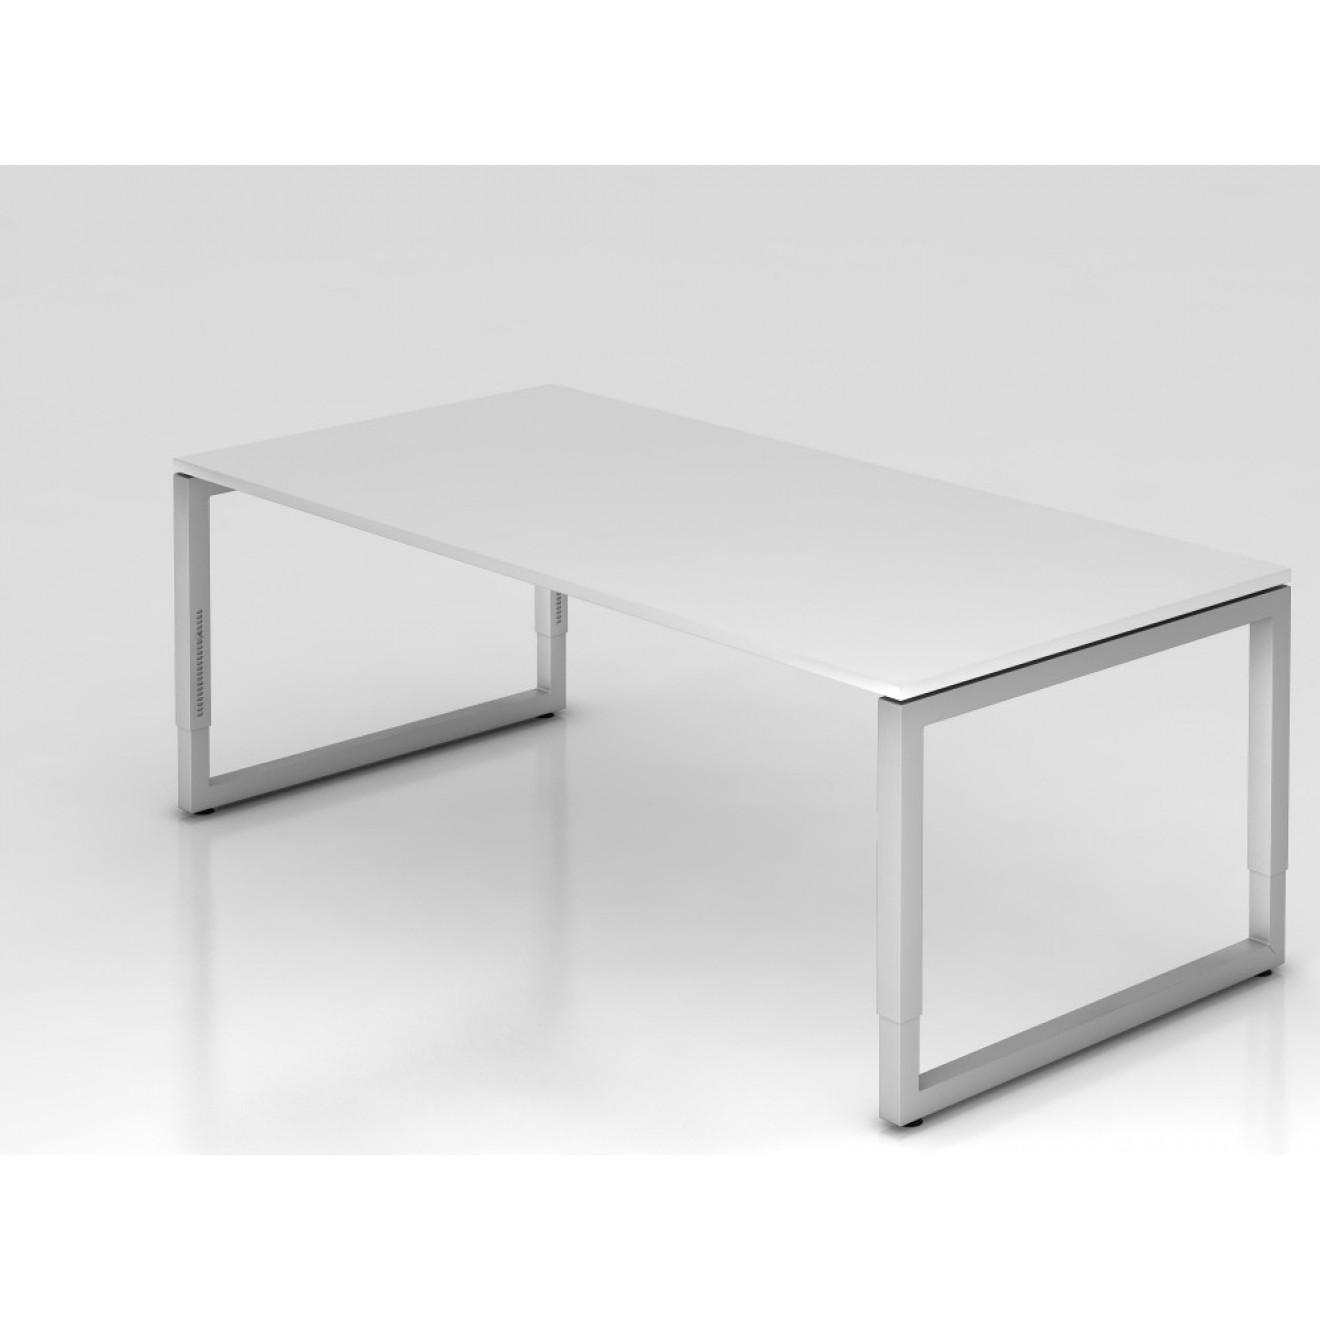 retado office schreibtisch serie r 200 x 100 cm. Black Bedroom Furniture Sets. Home Design Ideas